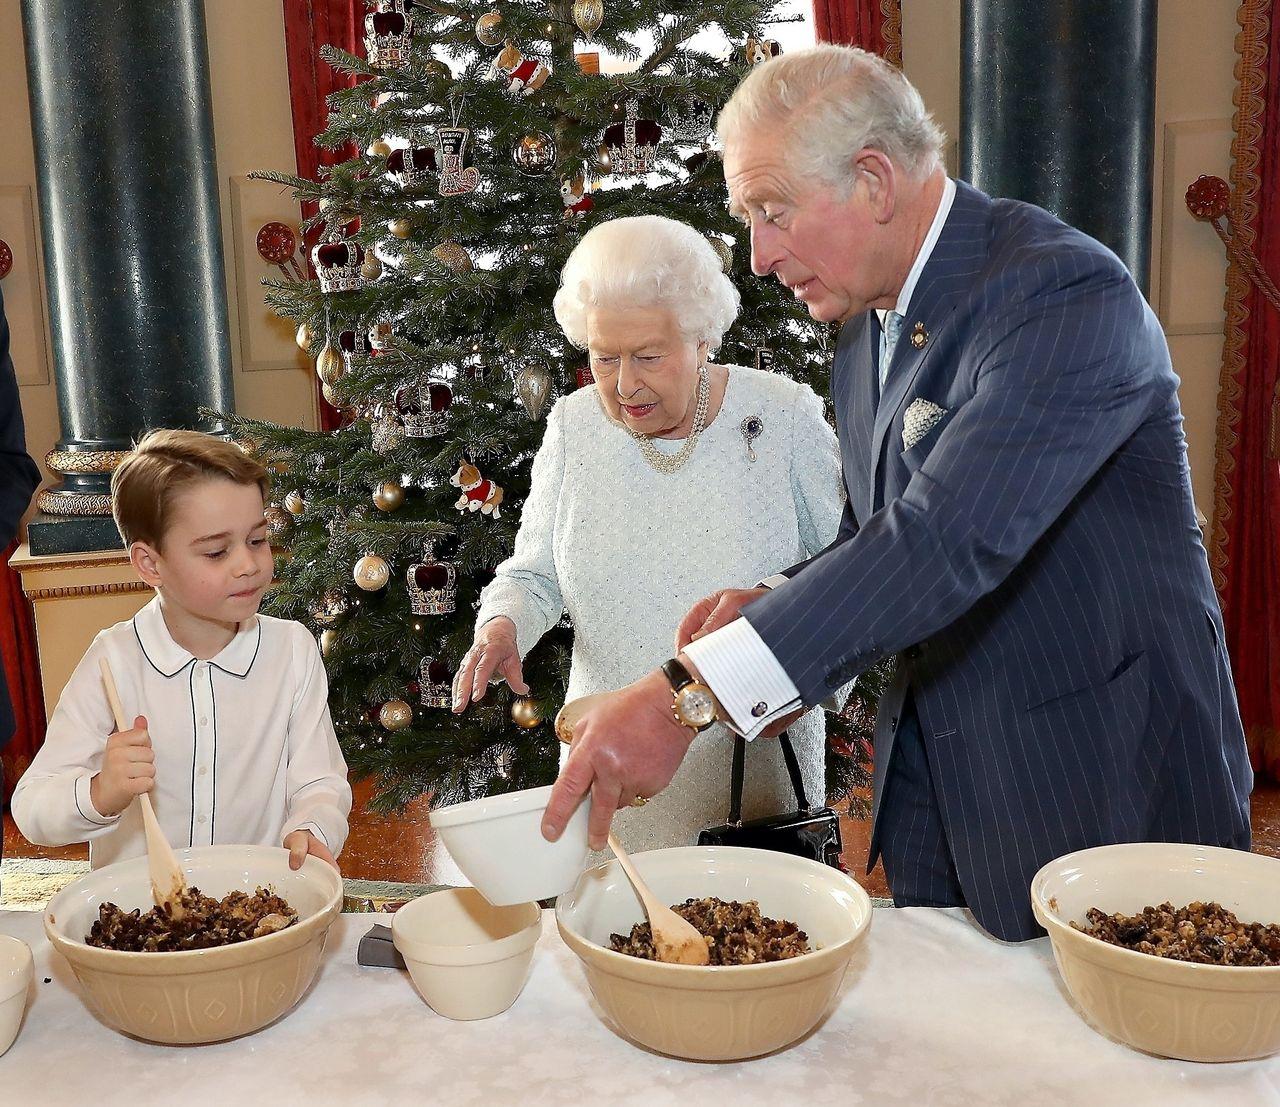 Książę George gotuje w towarzystwie księcia Karola i królowej Elżbiety